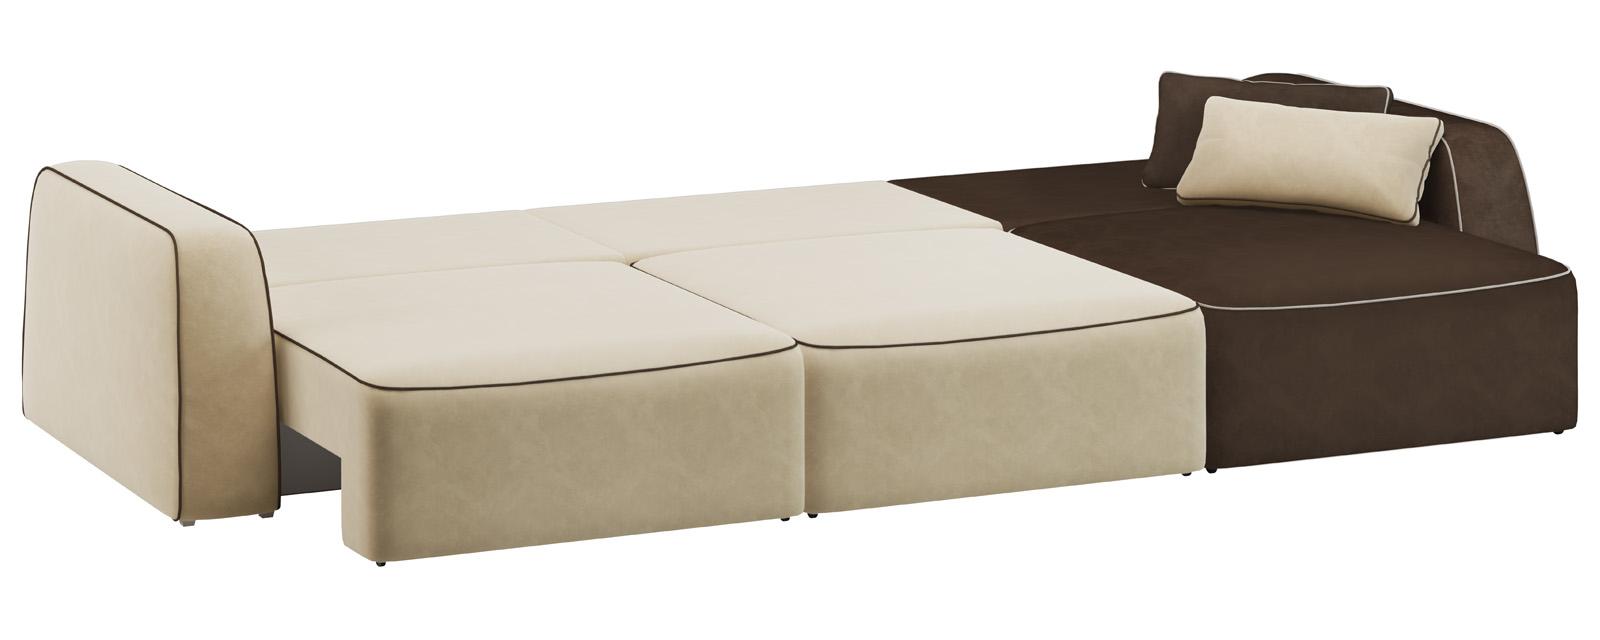 Модульный диван Портленд 300 см Вариант №3 Velure бежевый/темно-коричневый (Велюр) от HomeMe.ru